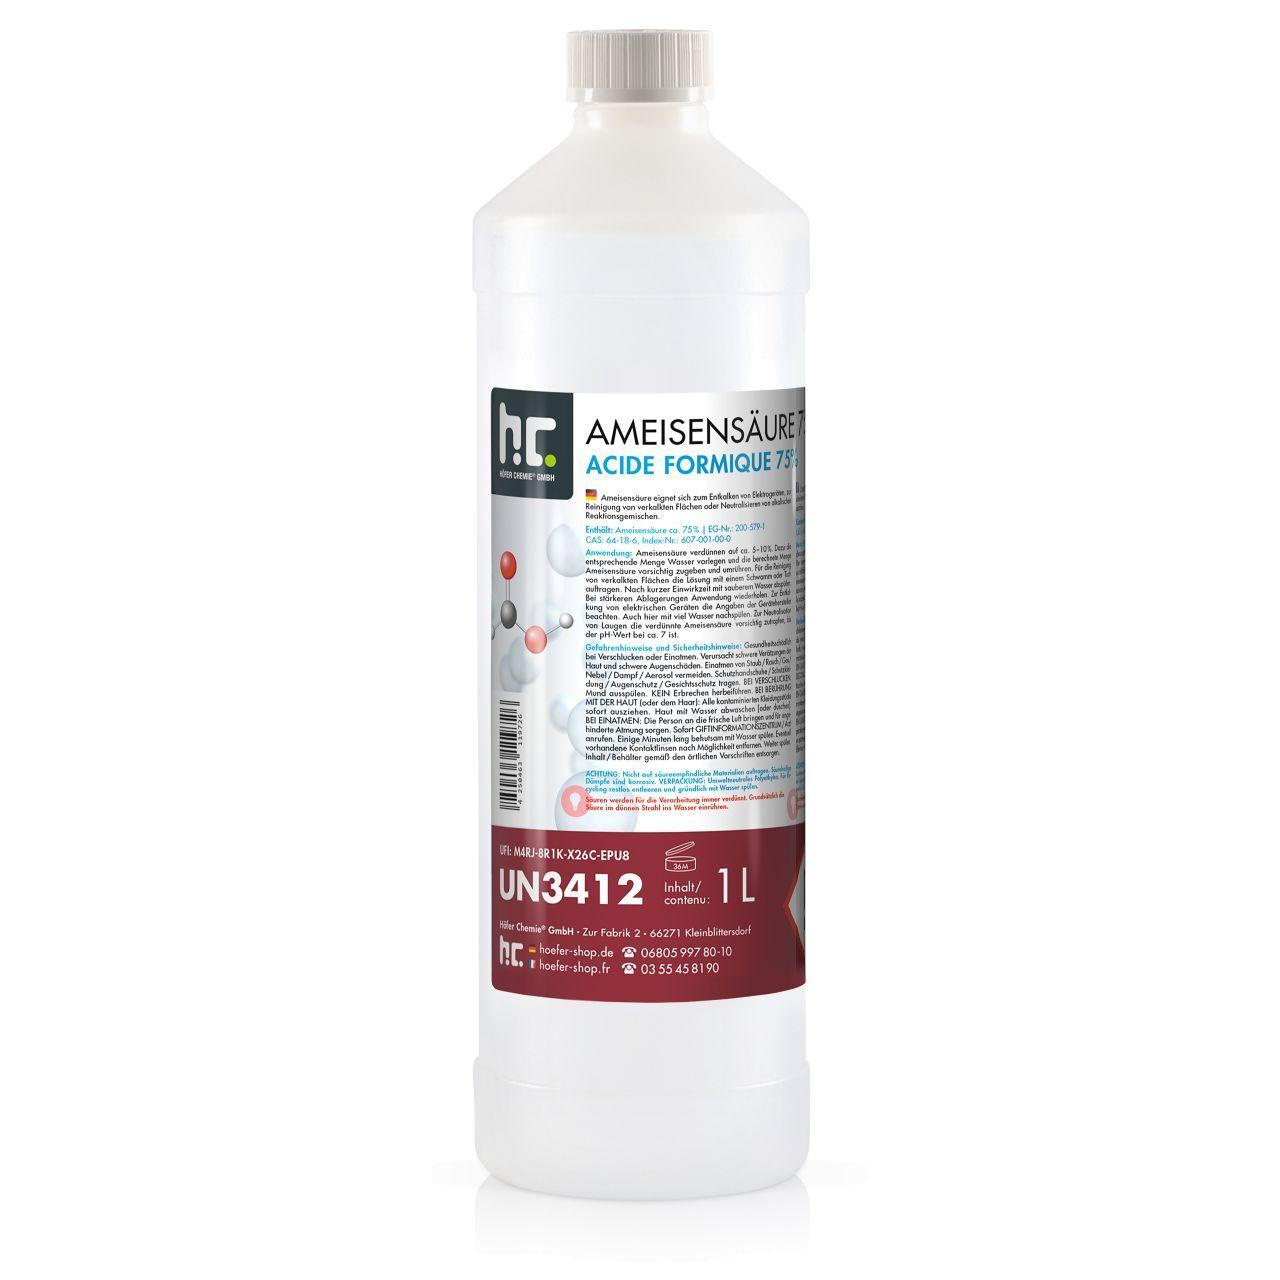 Höfer Chemie 1 l Acide formique 75% qualite technique (1 x 1 l)